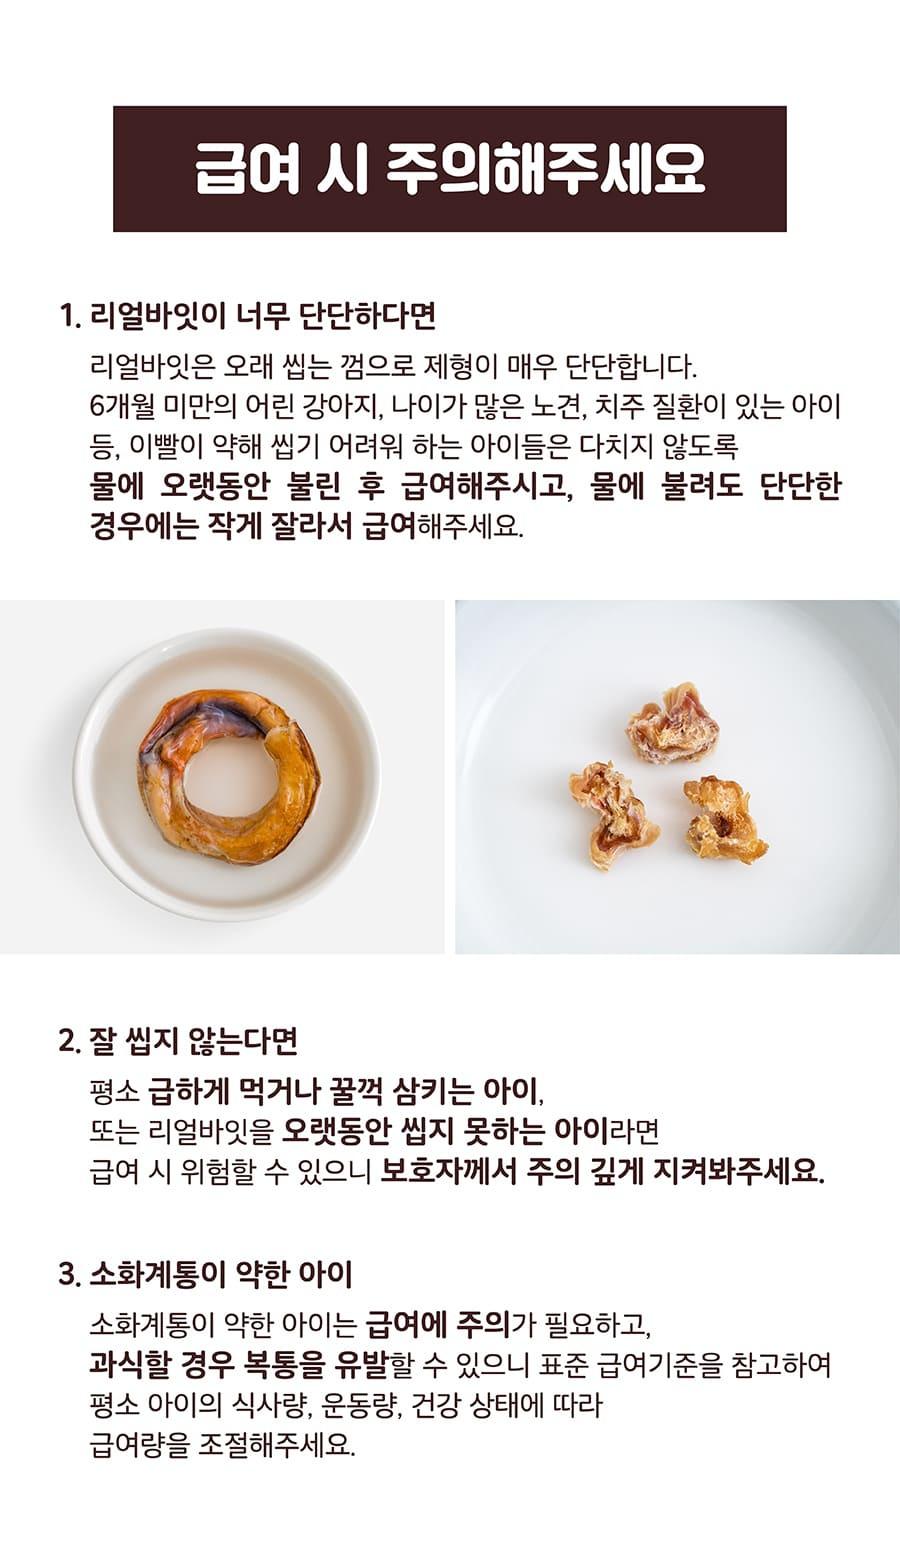 리얼바잇 돼지귀슬라이스&한우스틱&한우링-상품이미지-23